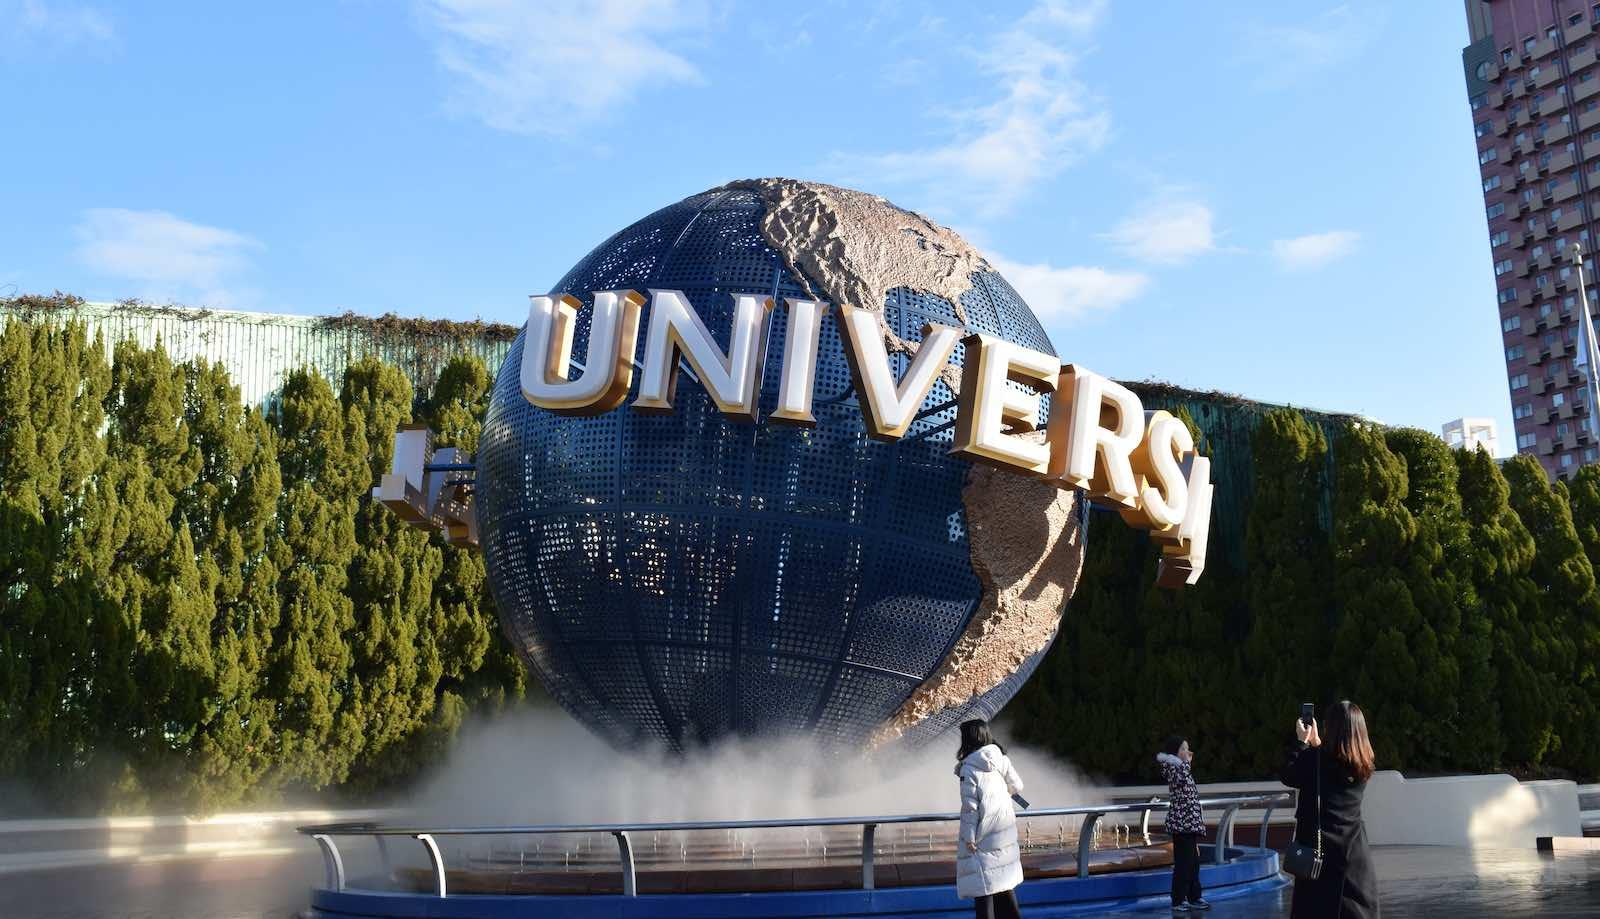 Comment acheter son ticket pour Universal Studios Japan à Osaka au Japon ?